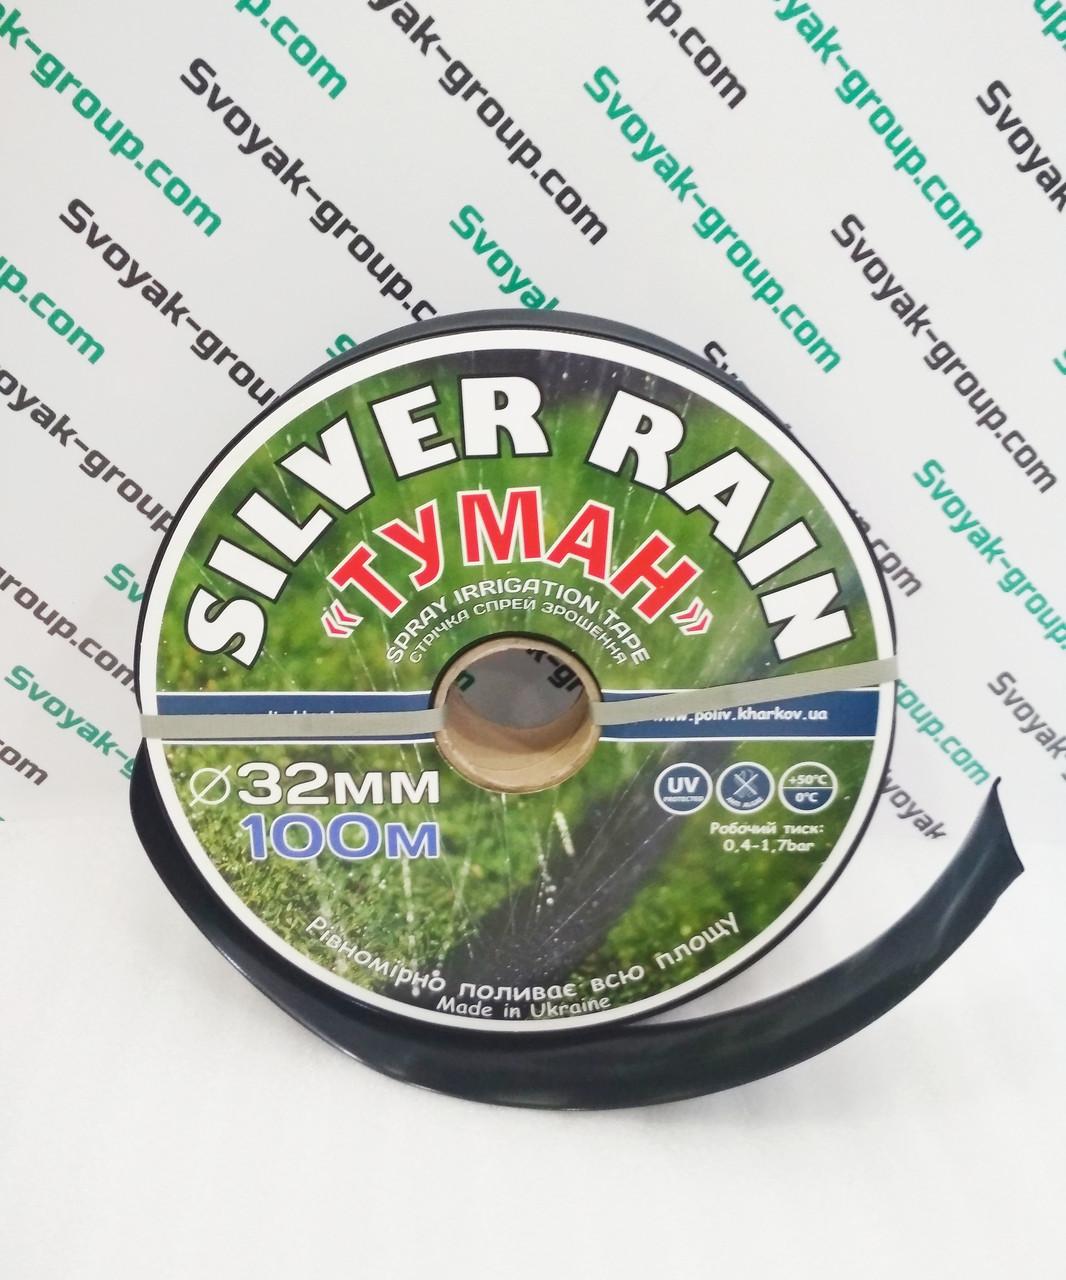 """Полив туман """"Silver rain"""" 32 мм. (Украина) - 100 м., фото 1"""